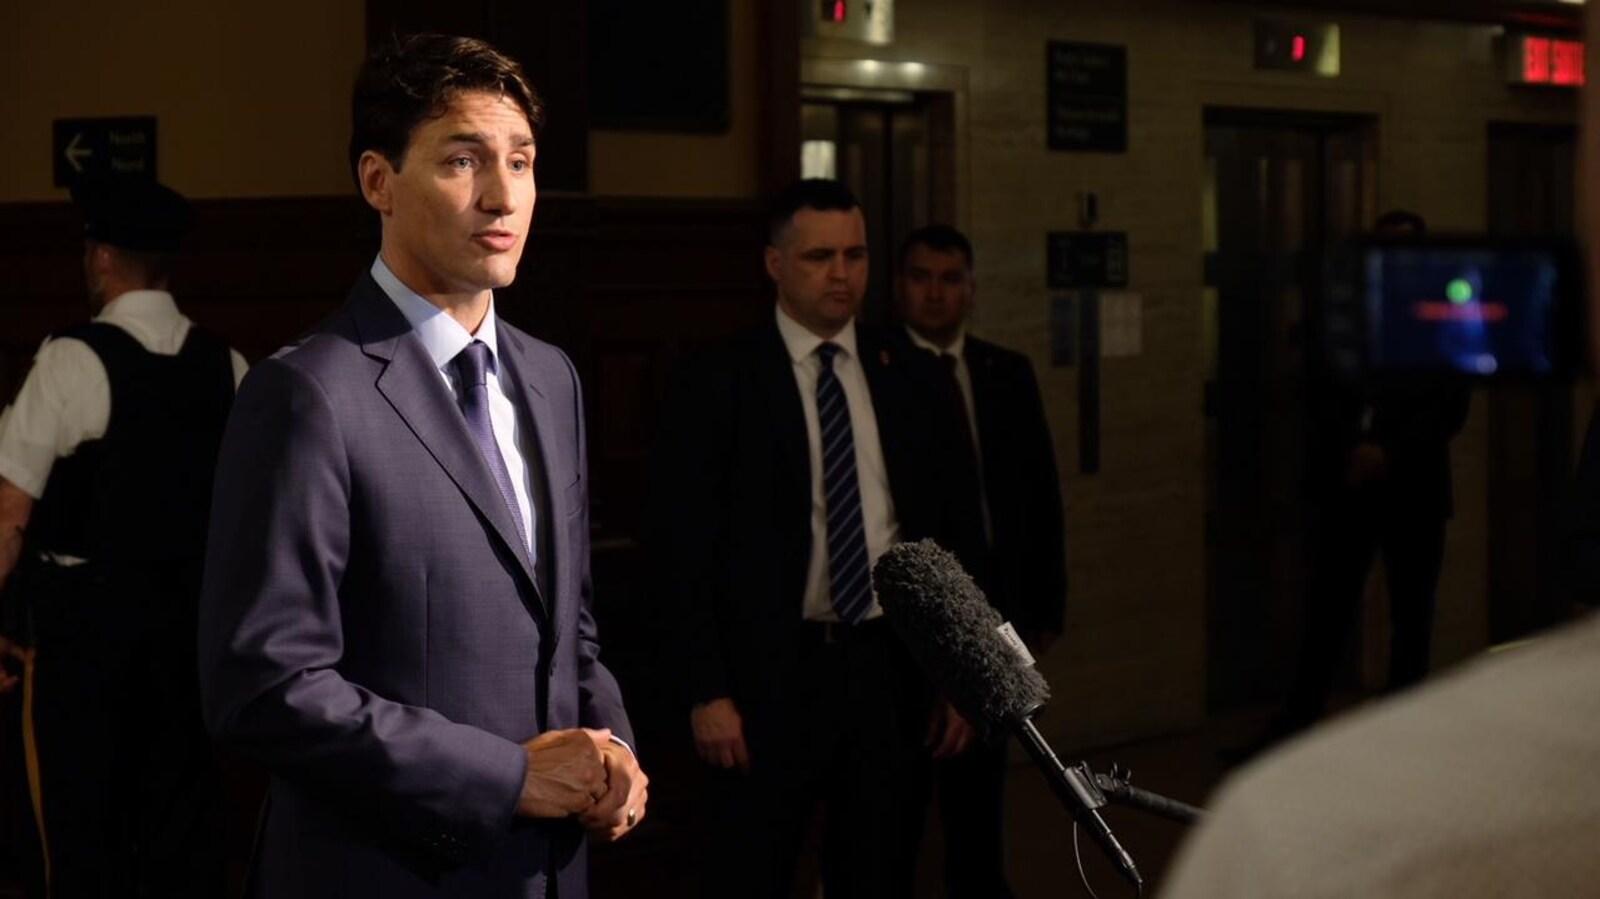 Le premier ministre Justin Trudeau répond aux questions des journalistes après sa rencontre avec Doug Ford.